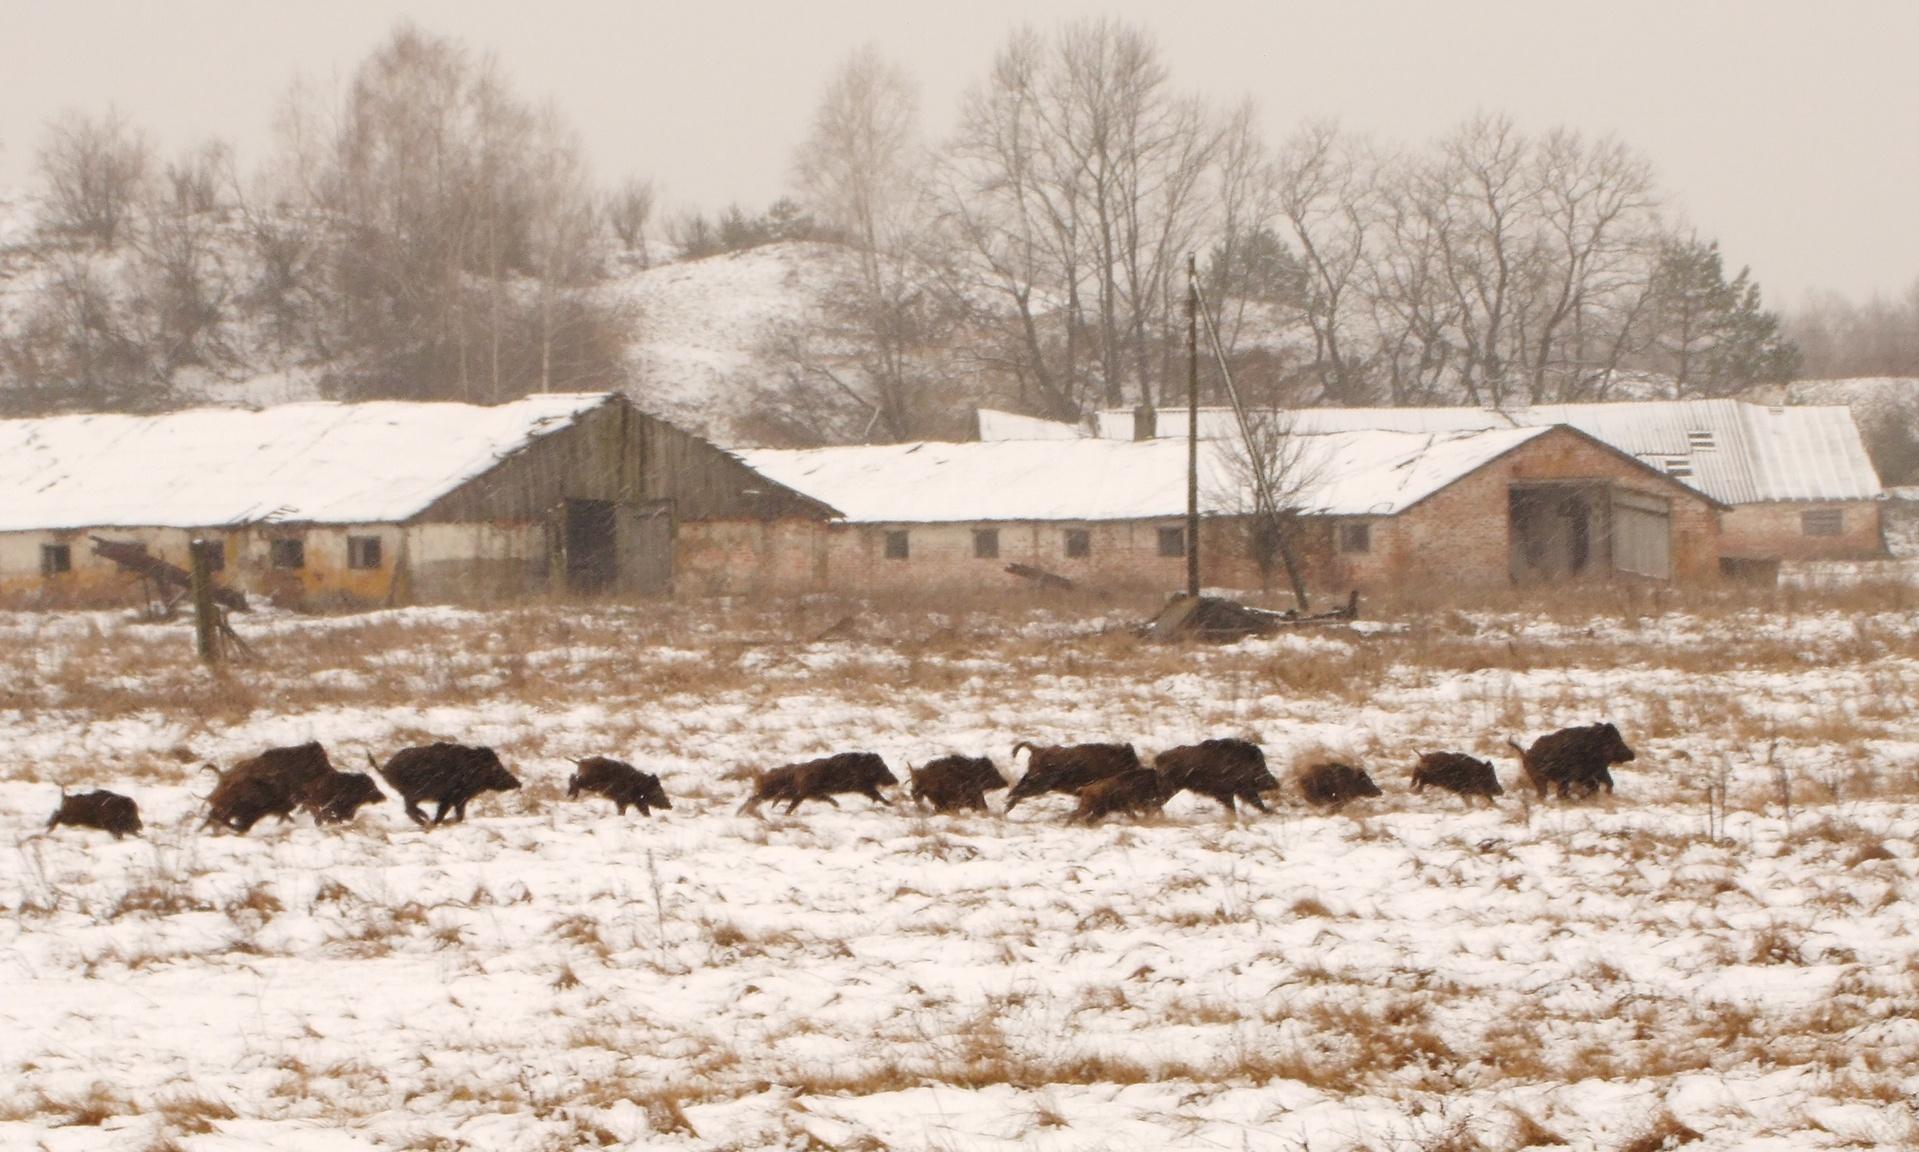 Αγέλη αγριογούρουνων στα χιόνια. Φωτο: Valeriy Yurko